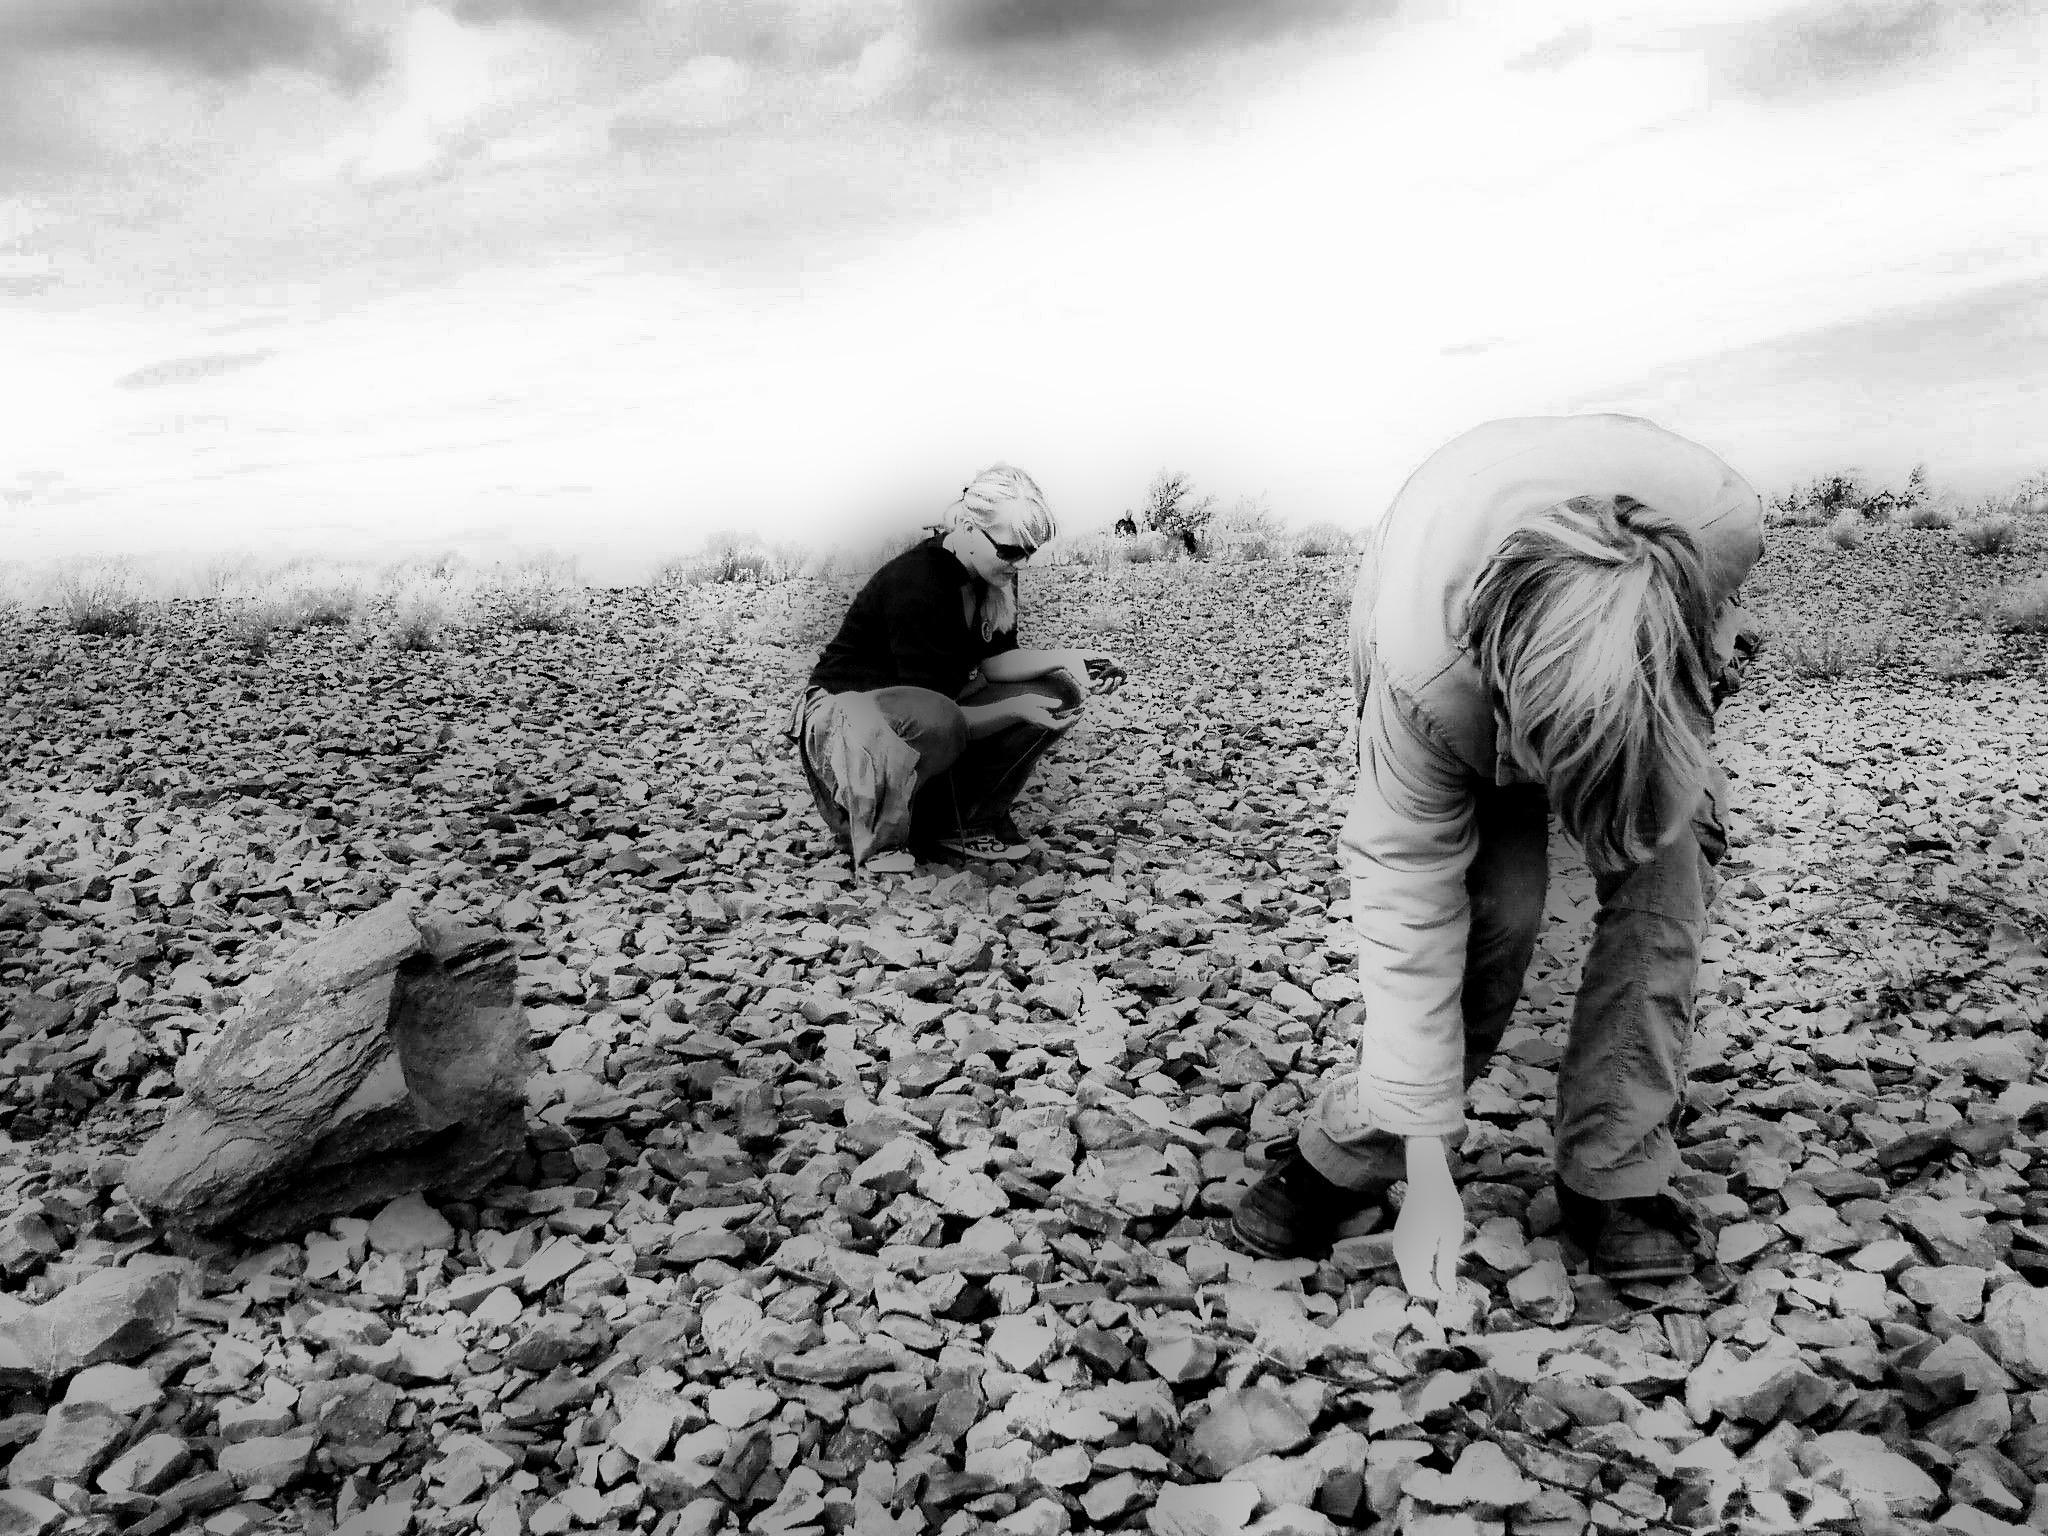 StoneWash by FoTorsten